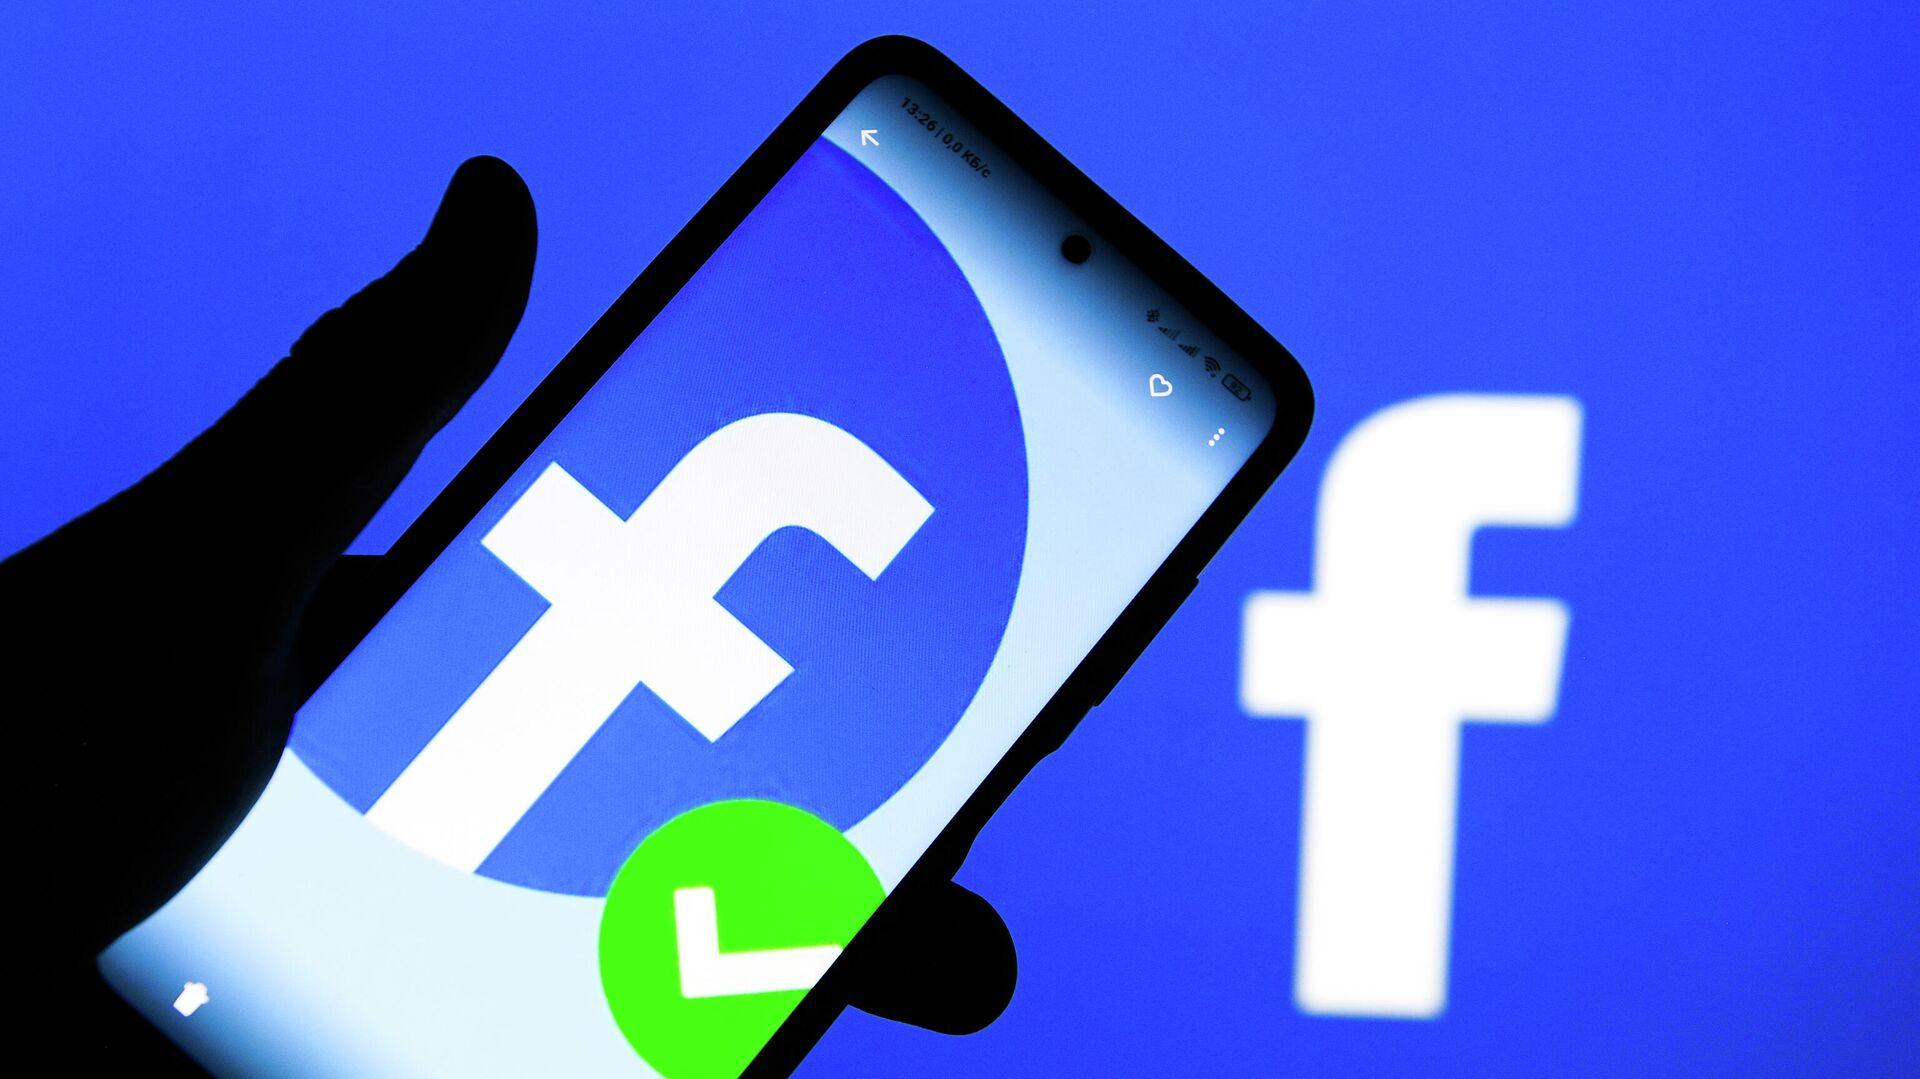 Приложение социальной сети Facebook в мобильном телефоне - РИА Новости, 1920, 05.10.2021